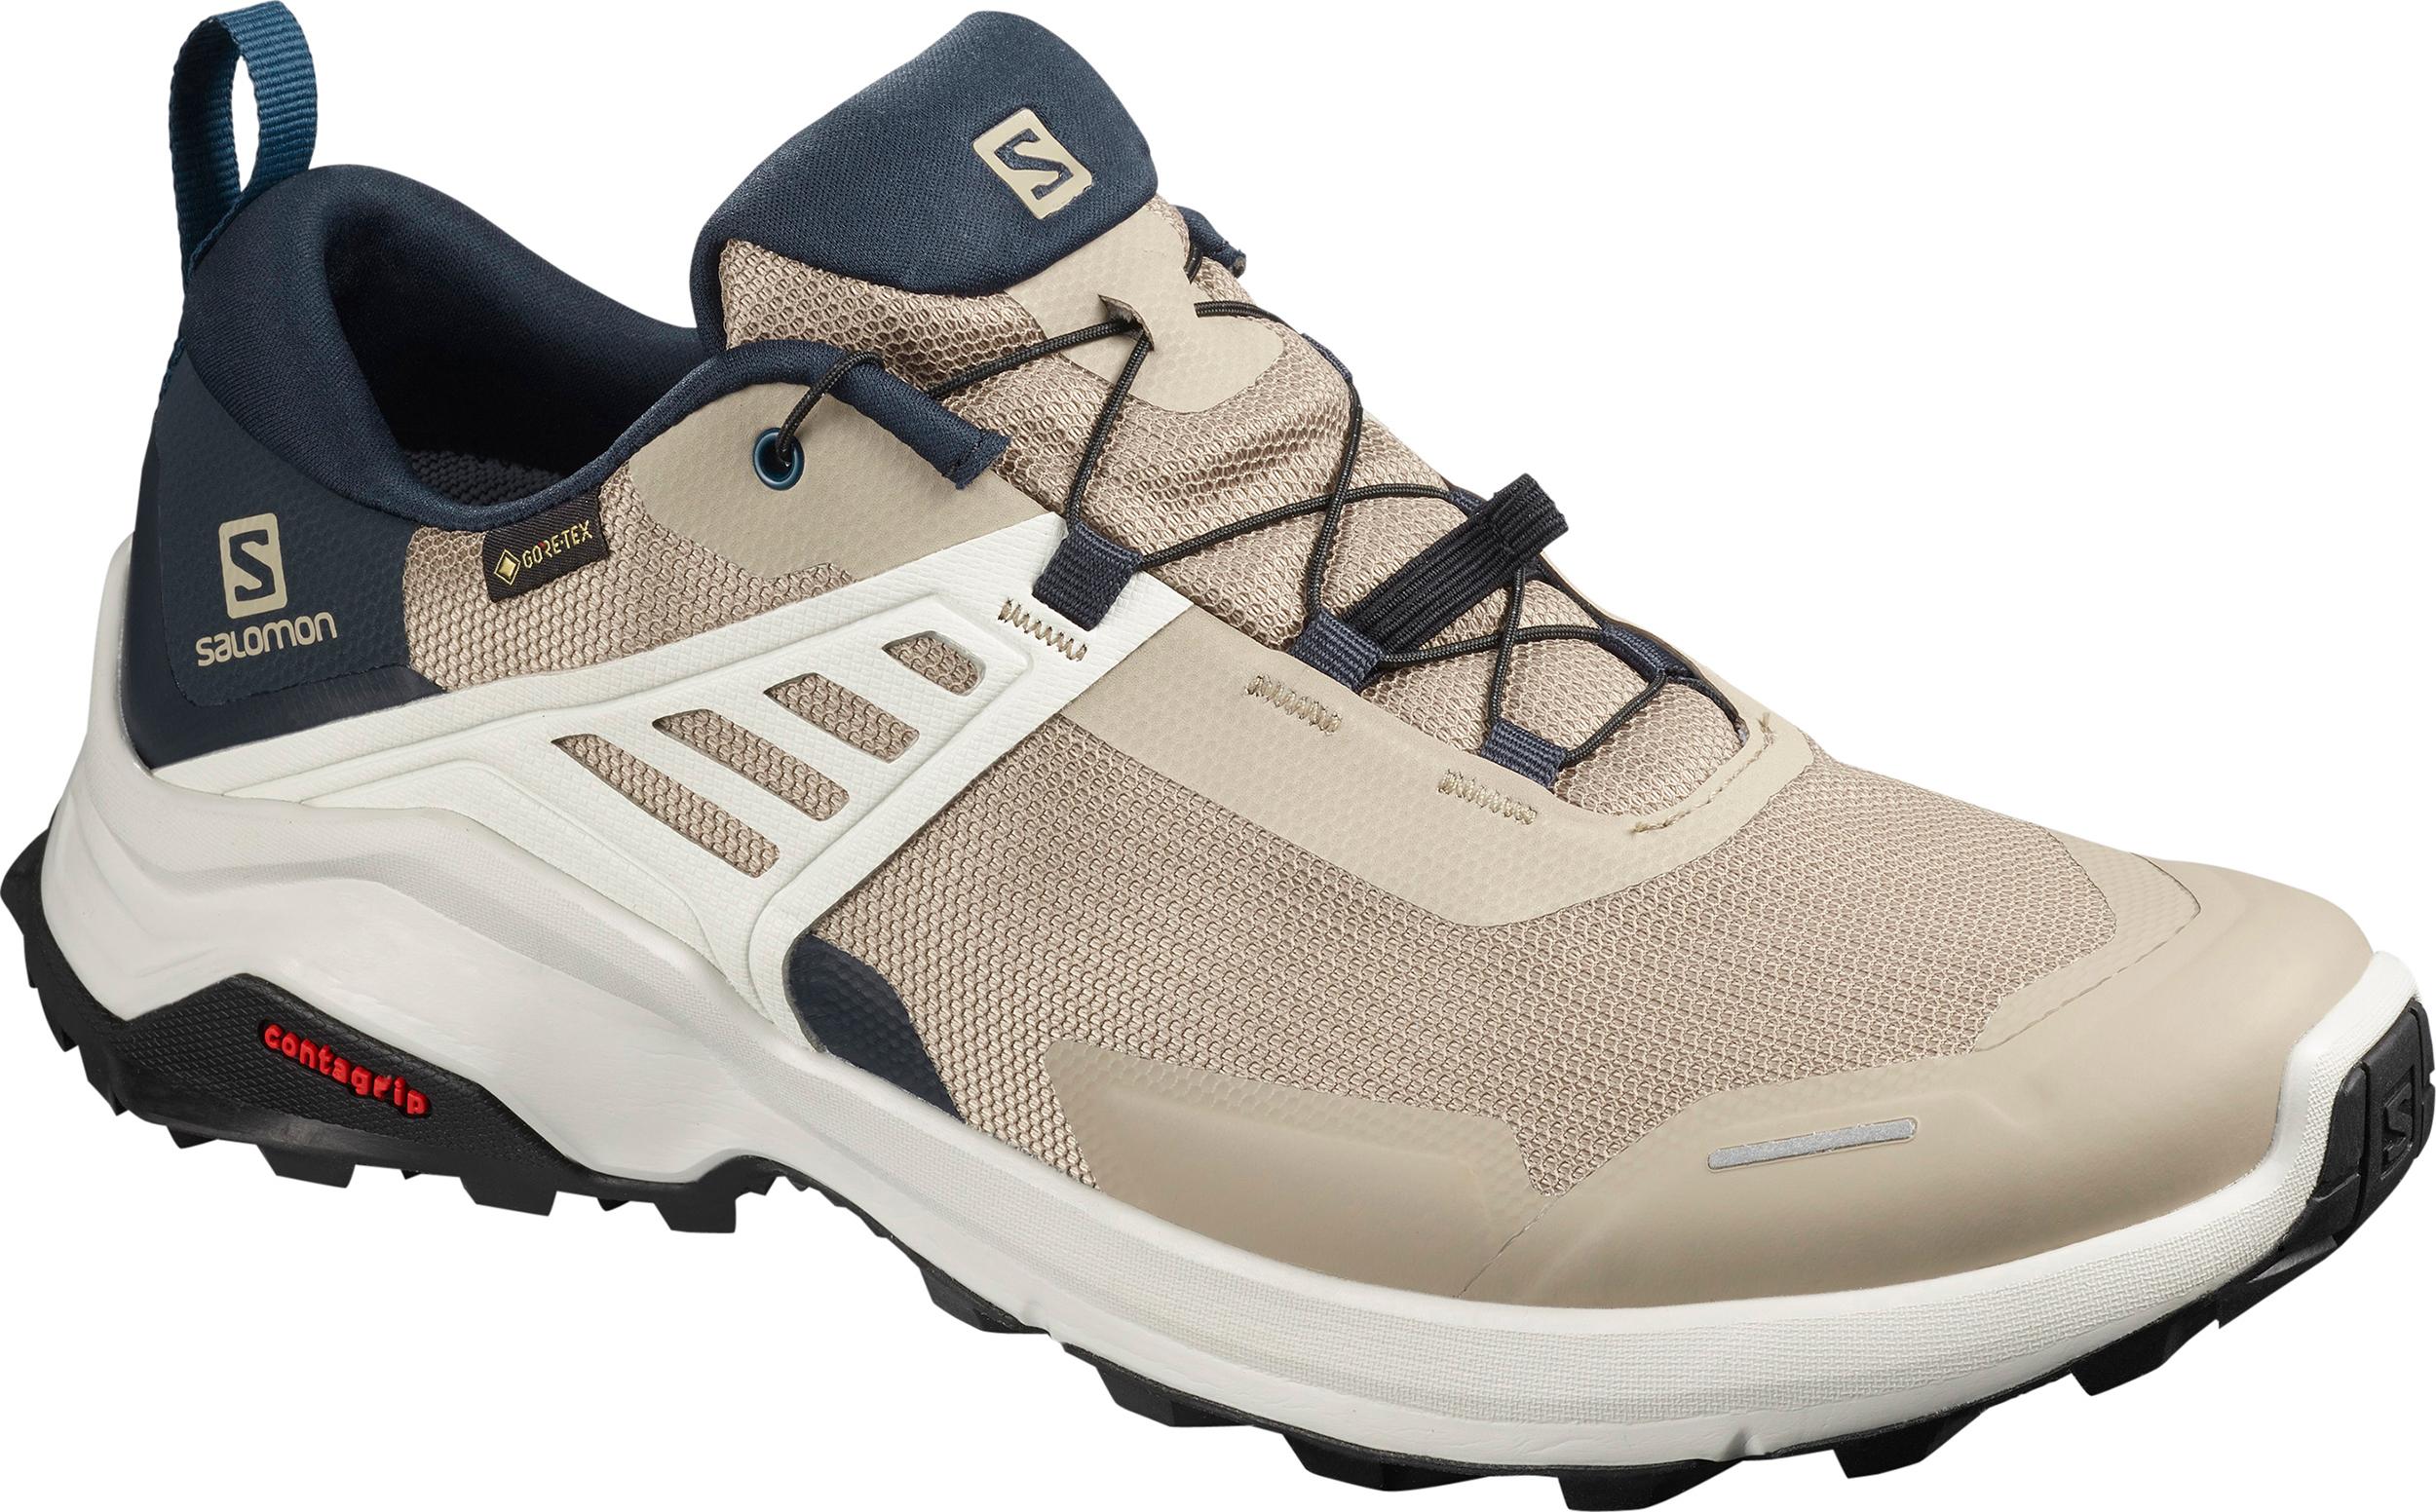 mec hiking shoes \u003e Clearance shop